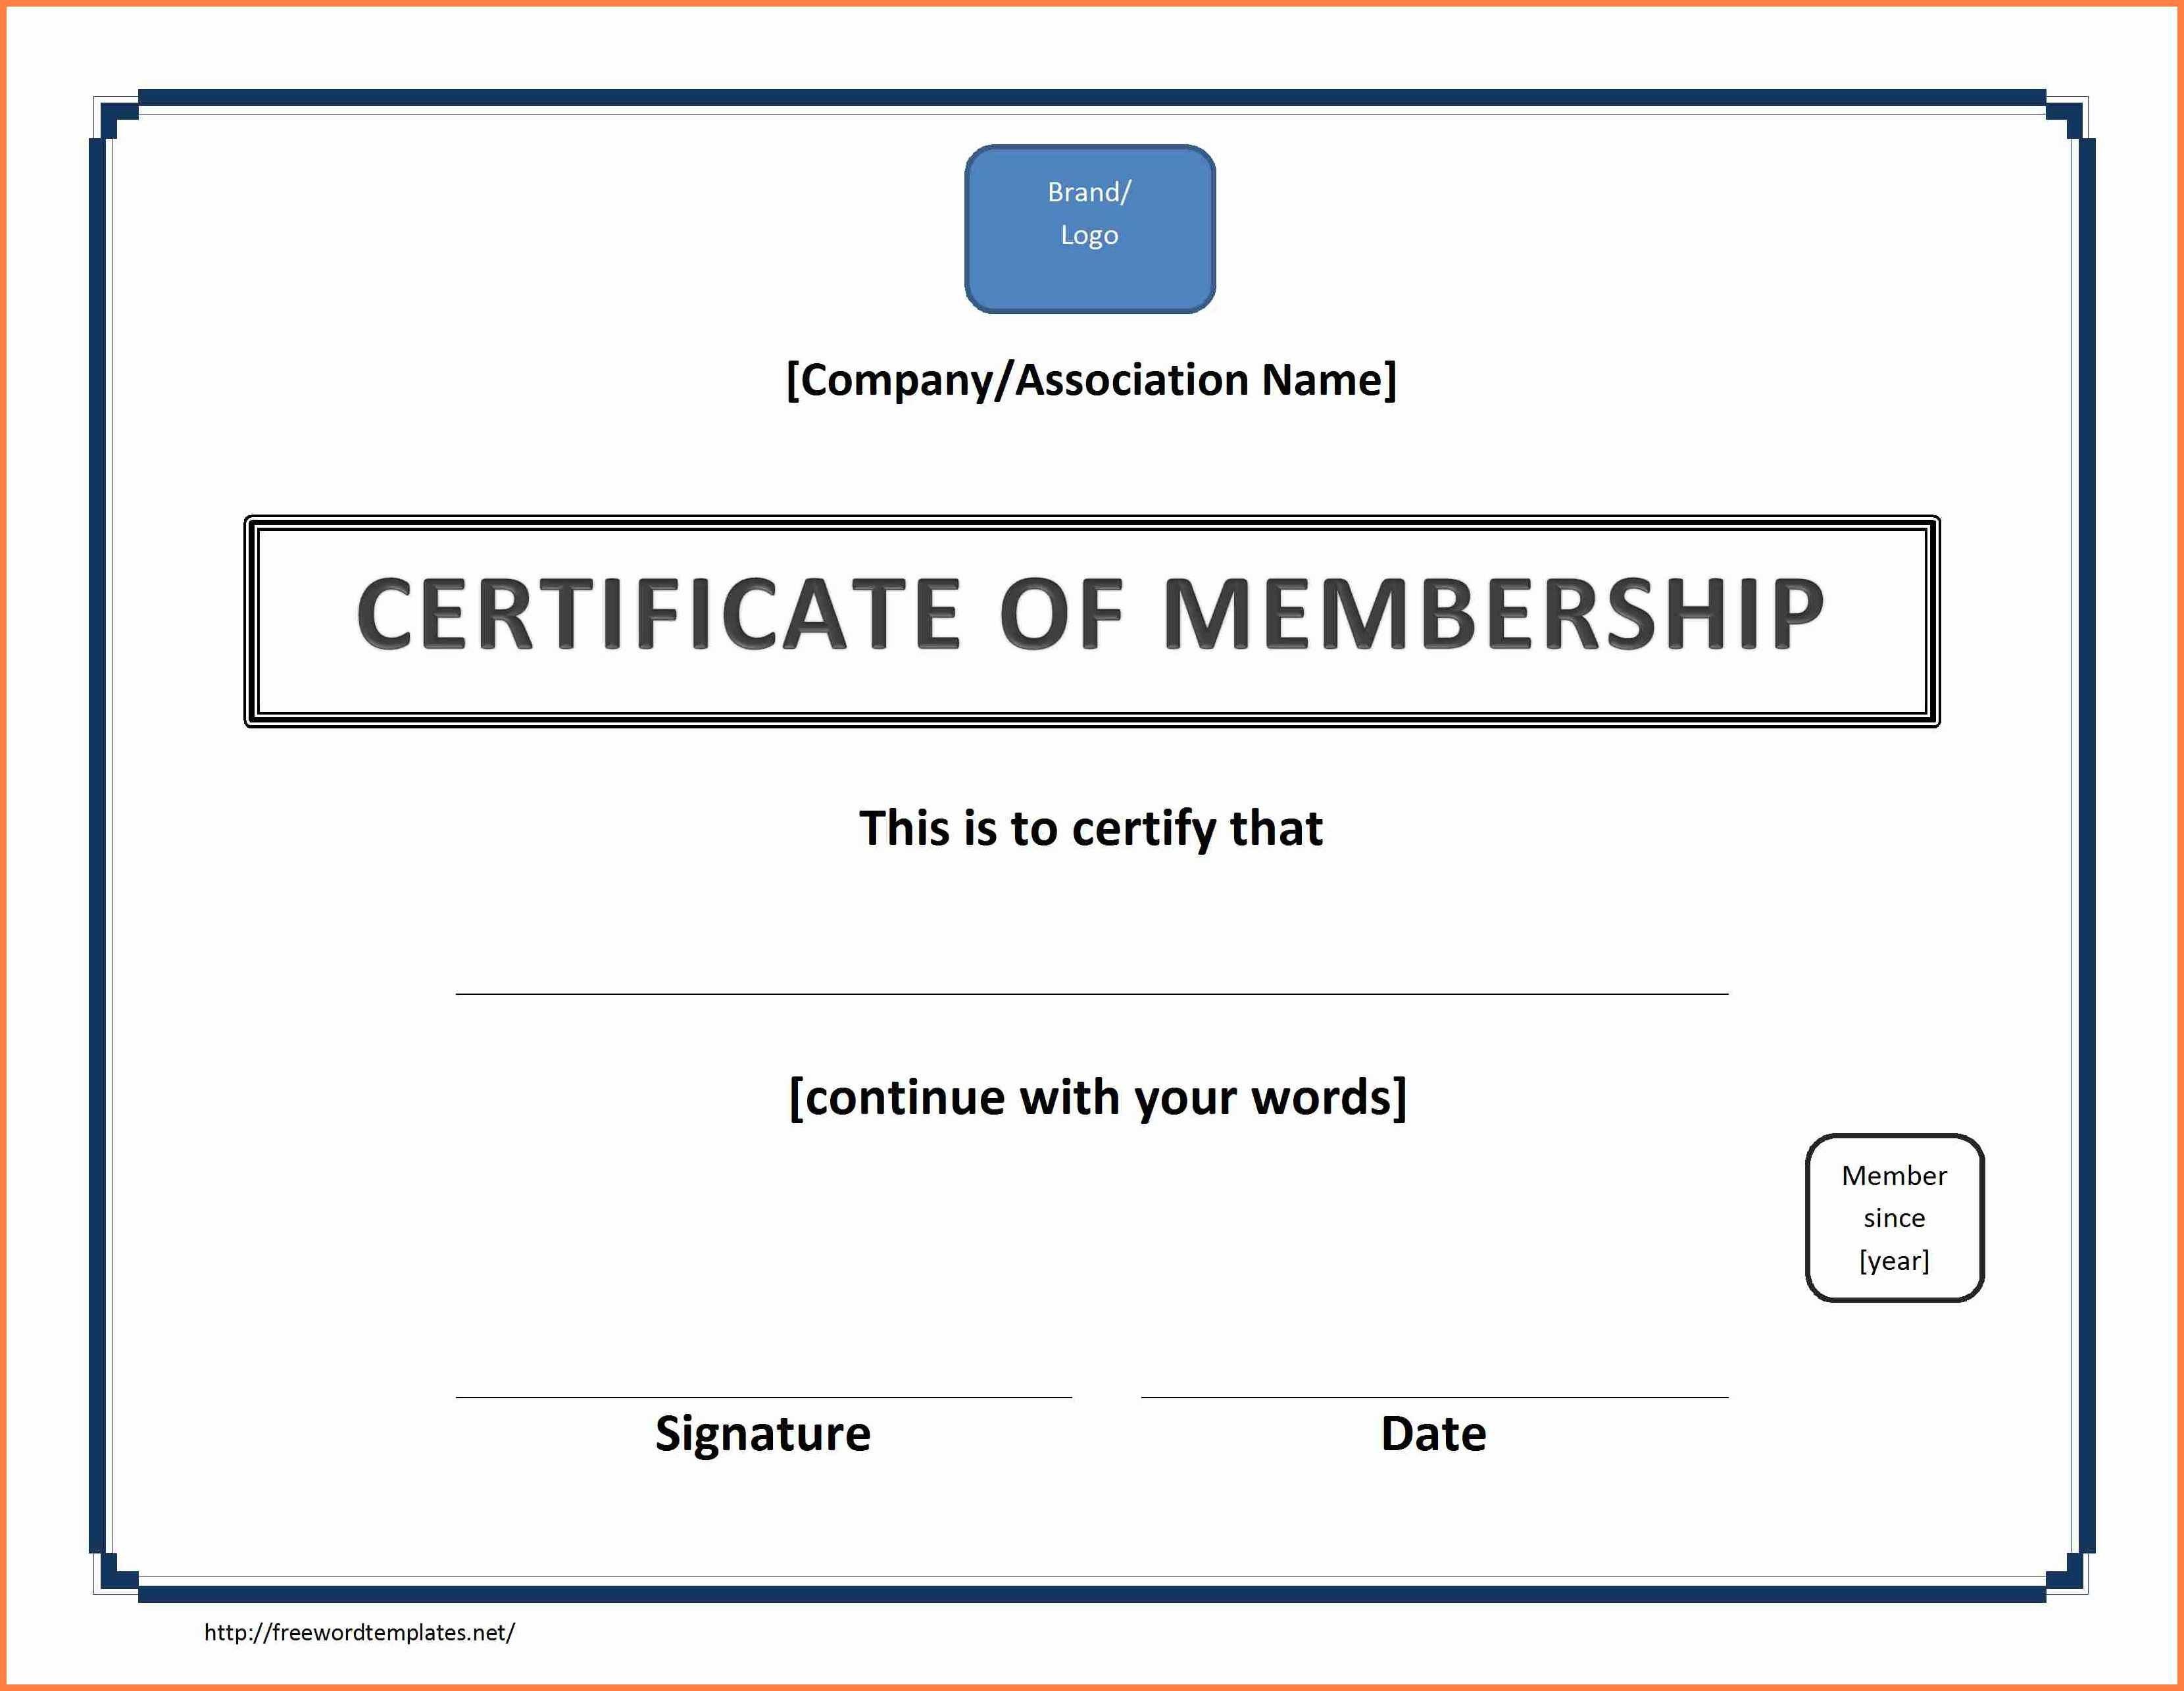 Free Membership Certificate Template  Andrew Gunsberg Within Llc Membership Certificate Template